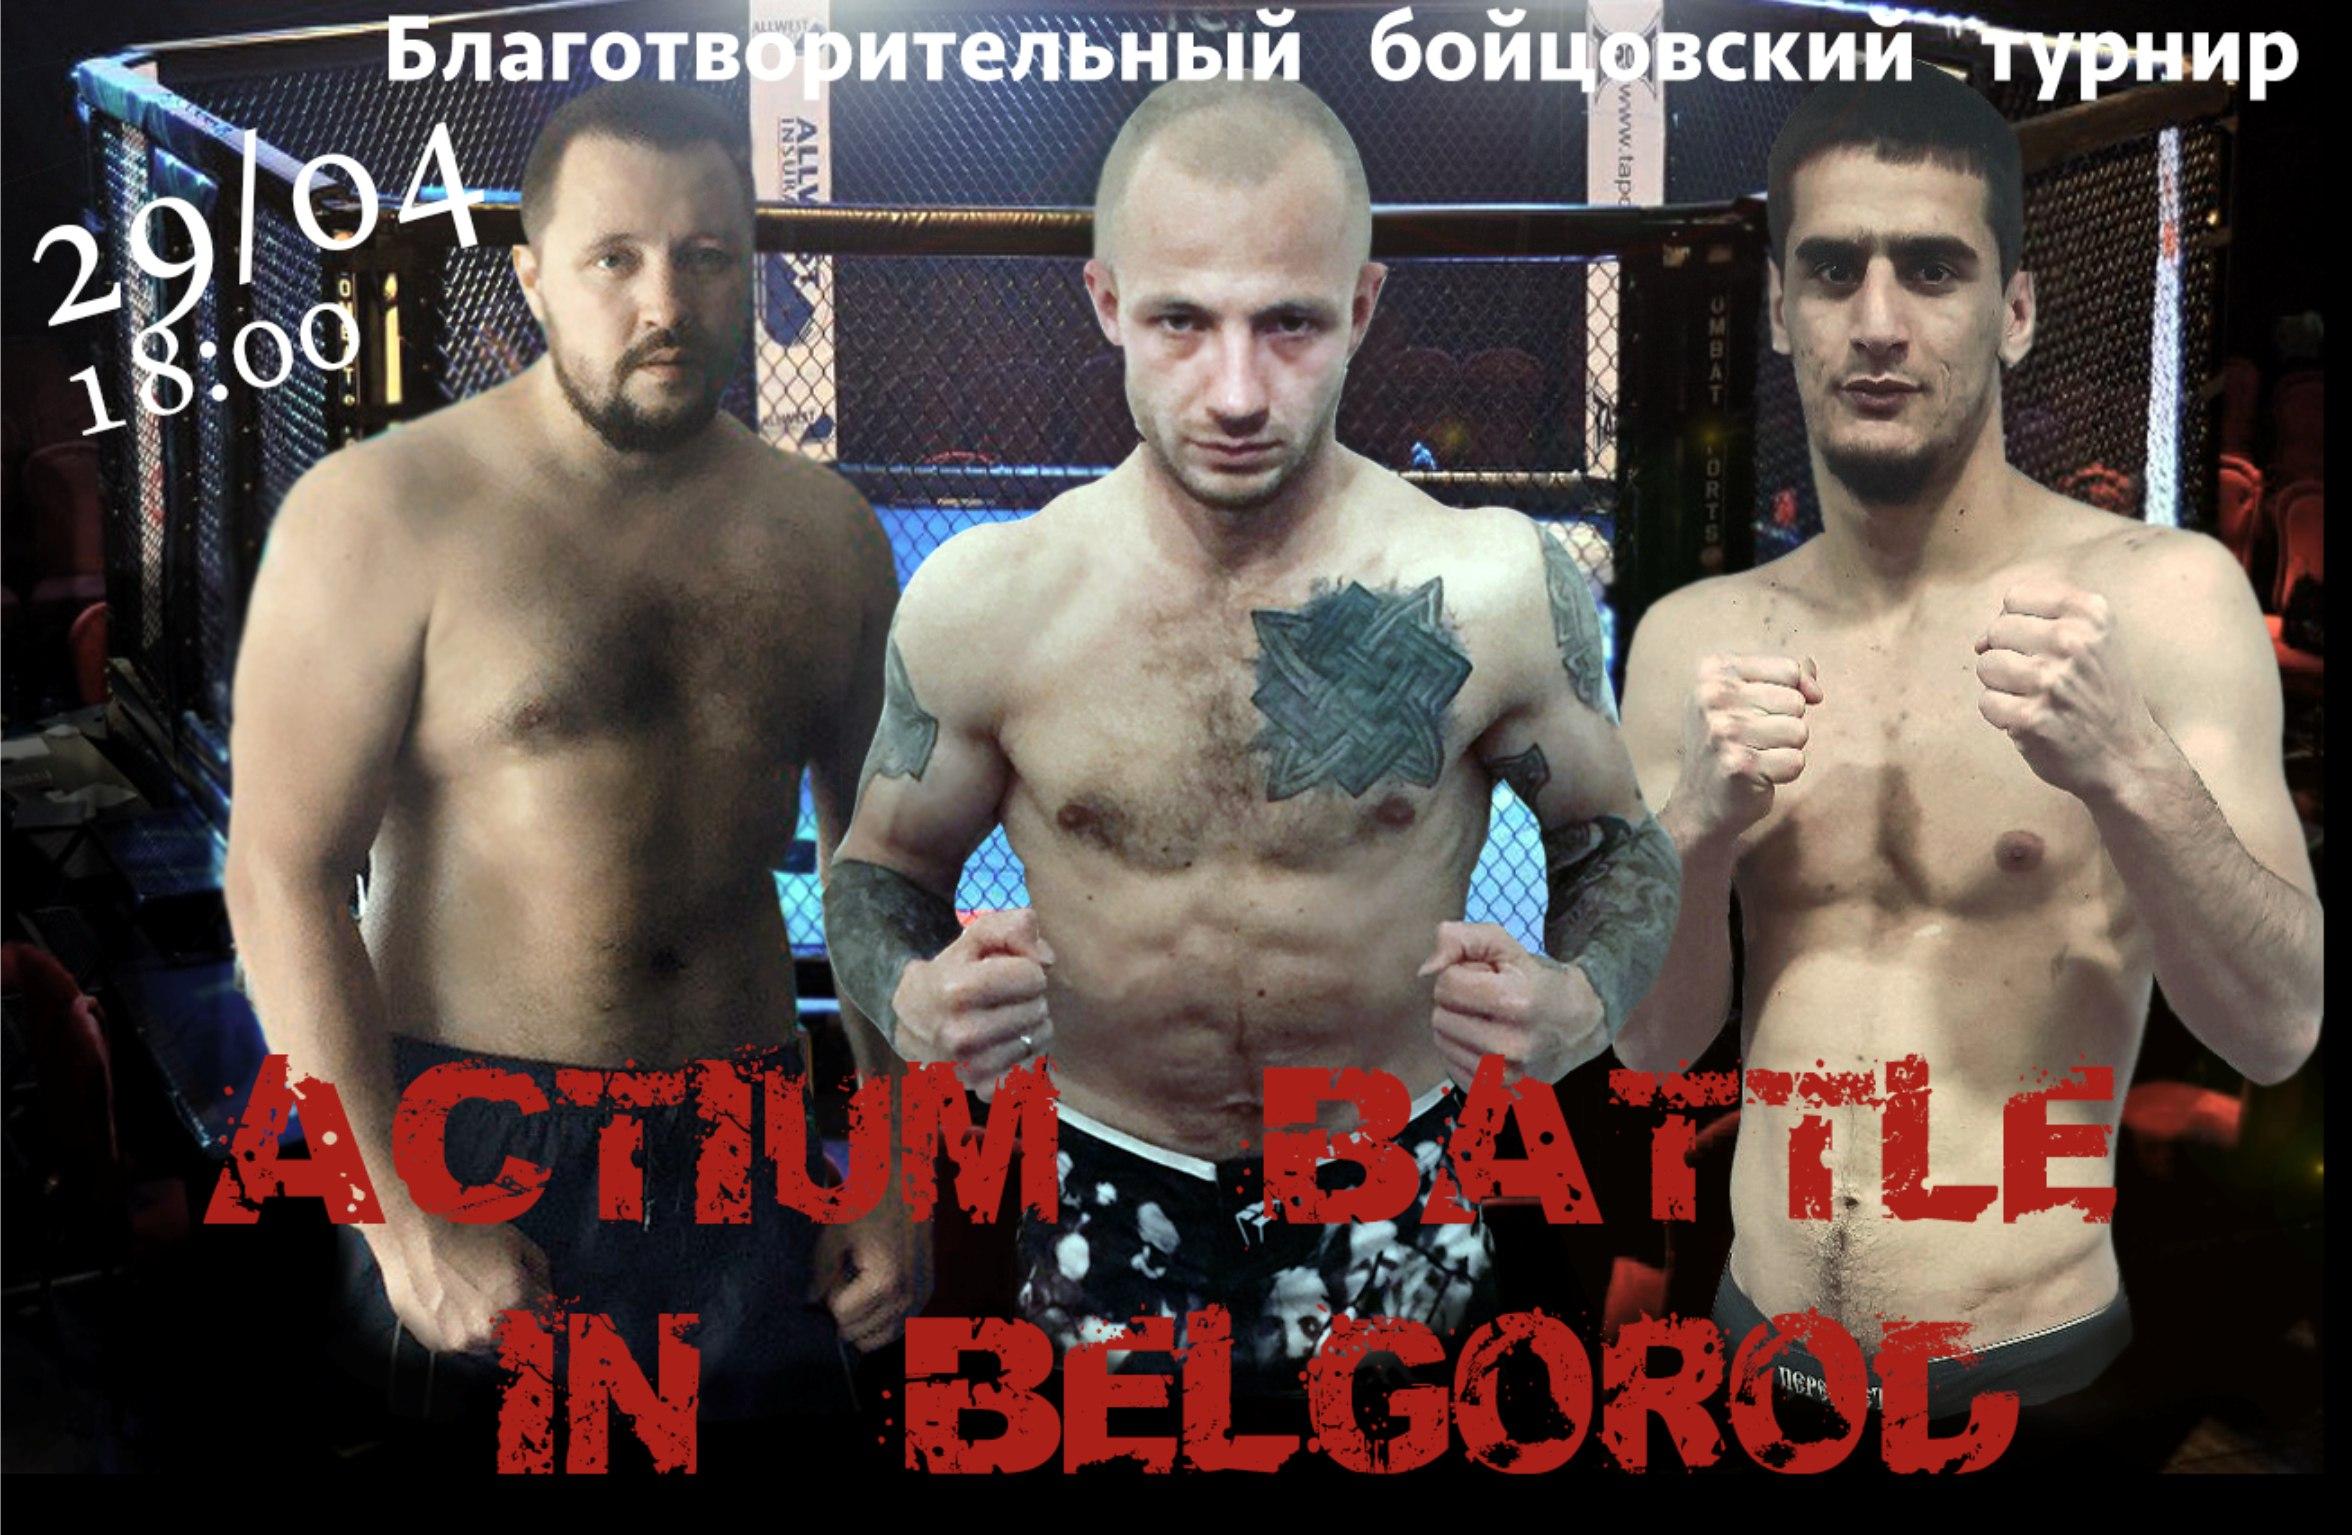 Купить билеты на Благотворительный бойцовский турнир Actium Battle